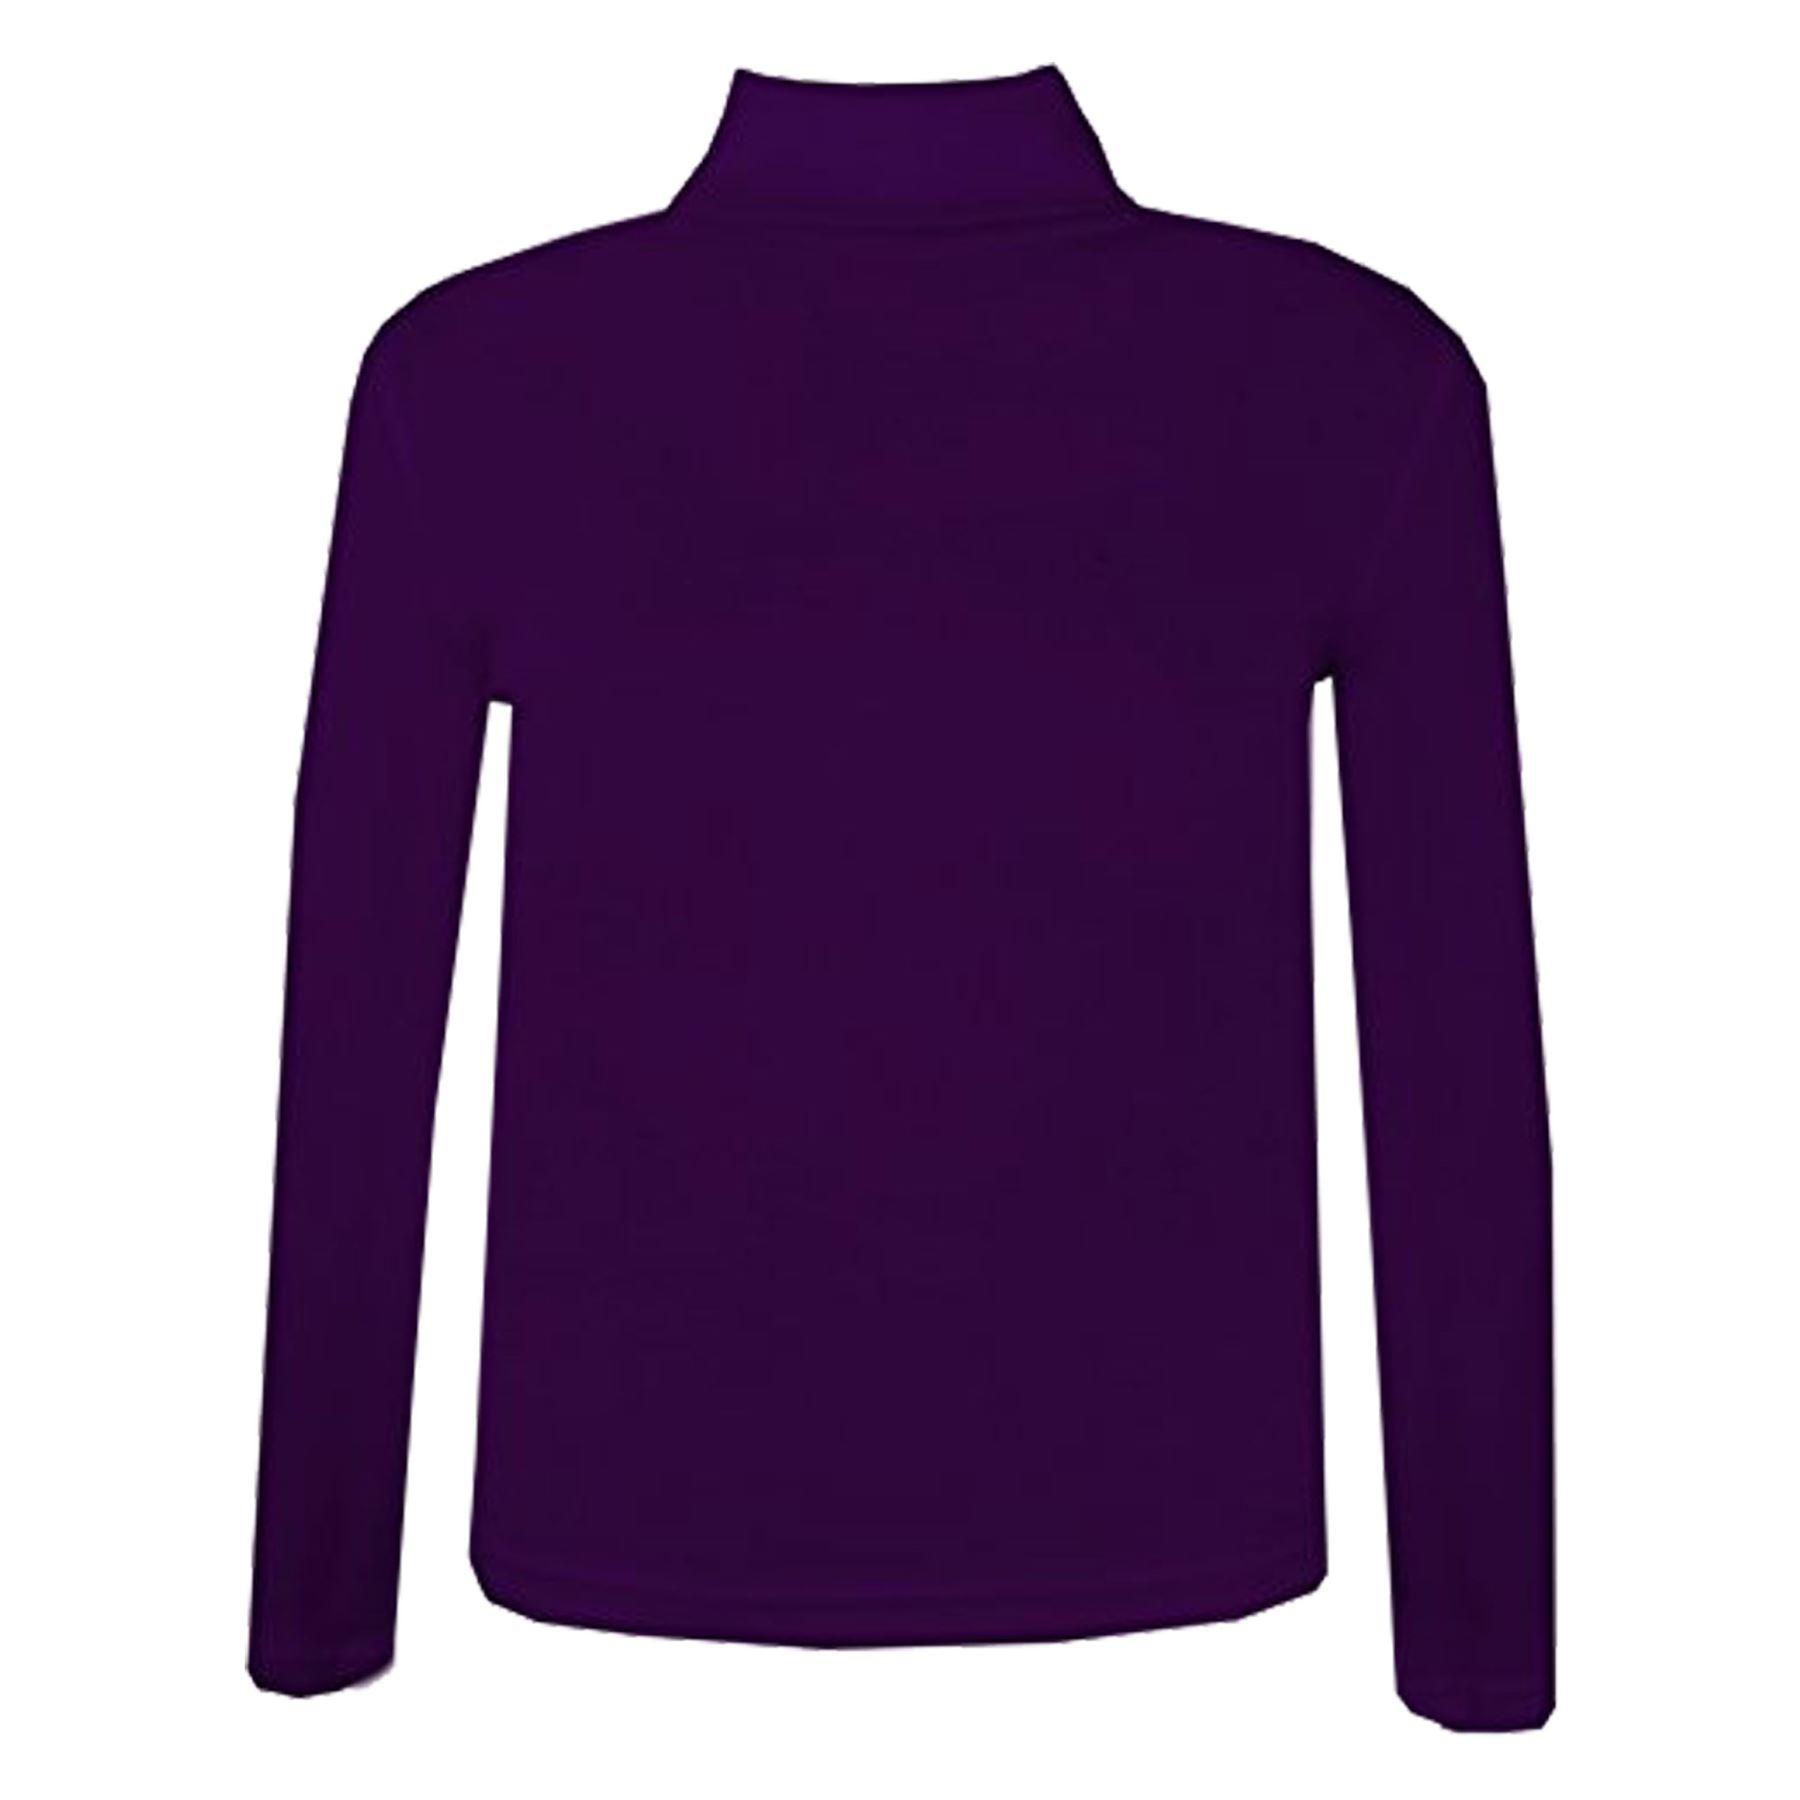 Enfants-Filles-Col-Polo-T-Shirt-en-Coton-Cotele-Pull-Haut-a-manches-longues-Age-2-13-ans